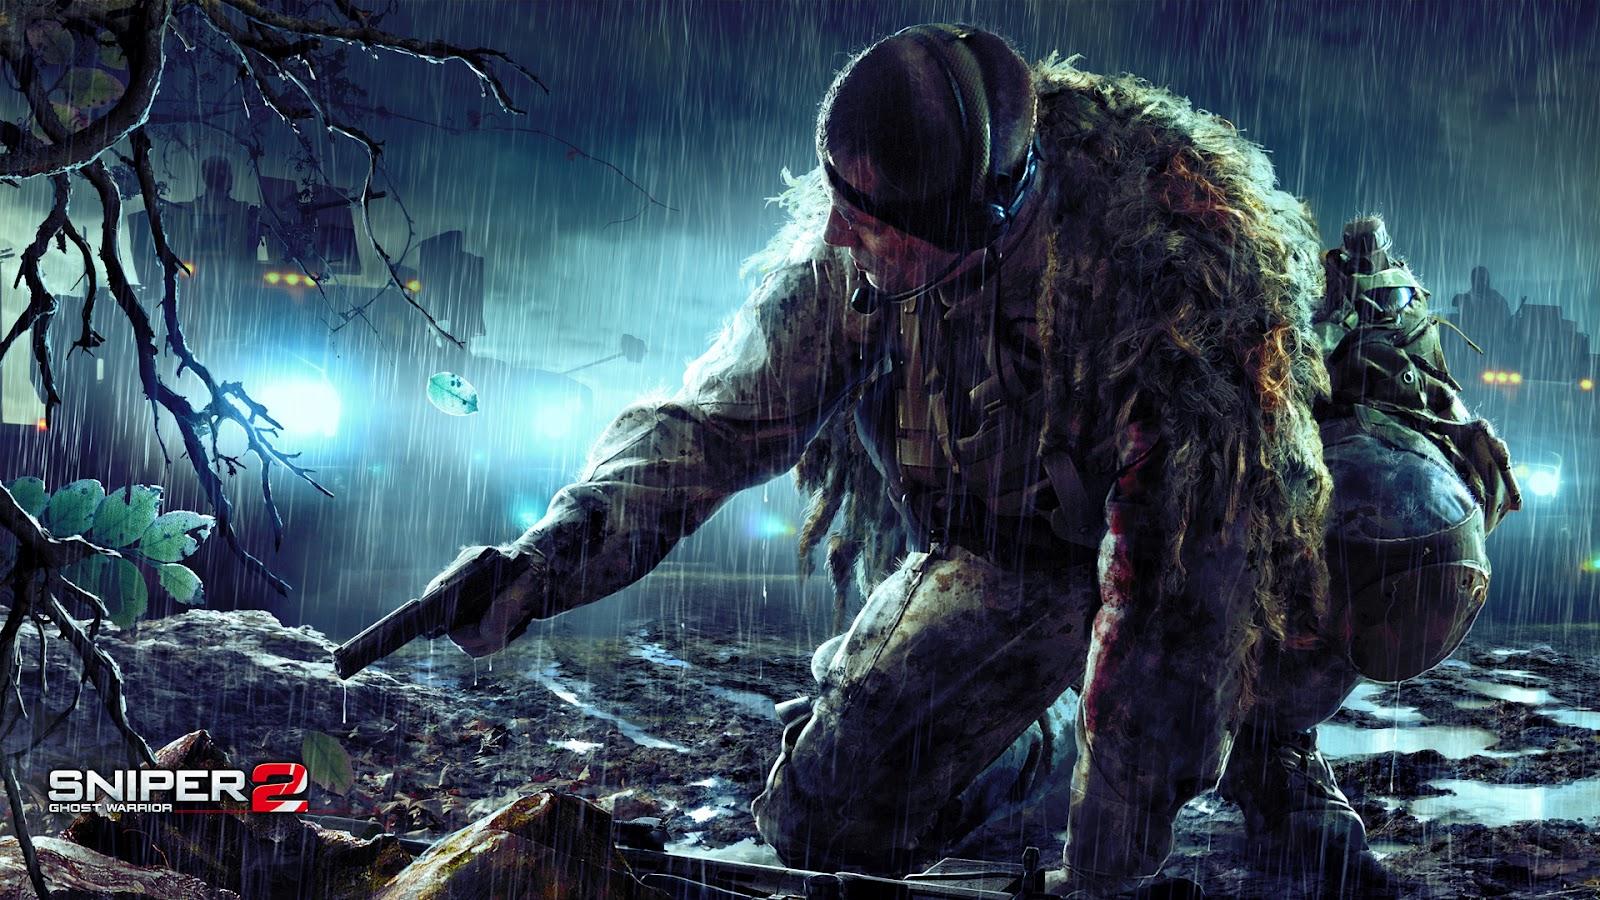 http://2.bp.blogspot.com/-ZTRtMewFg6U/T634rMWYbzI/AAAAAAAAAO4/xrkWkBLsz7g/s1600/sniper-ghost-warrior-2-wallpaper-1.jpg